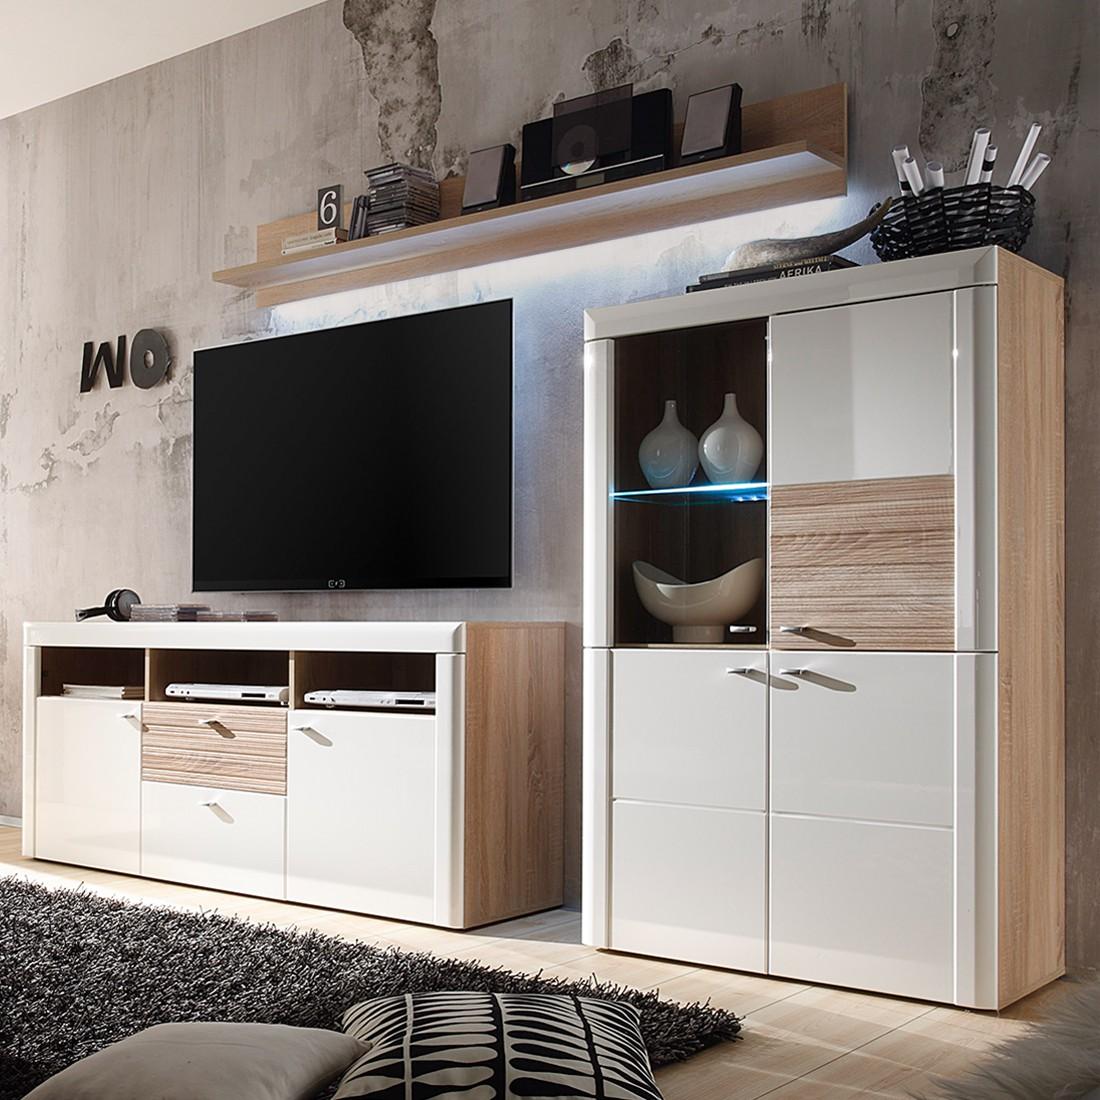 EEK A+, Ensemble de meubles TV Telemann (3 éléments)- Blanc brillant / Imitation chêne Sonoma - Avec